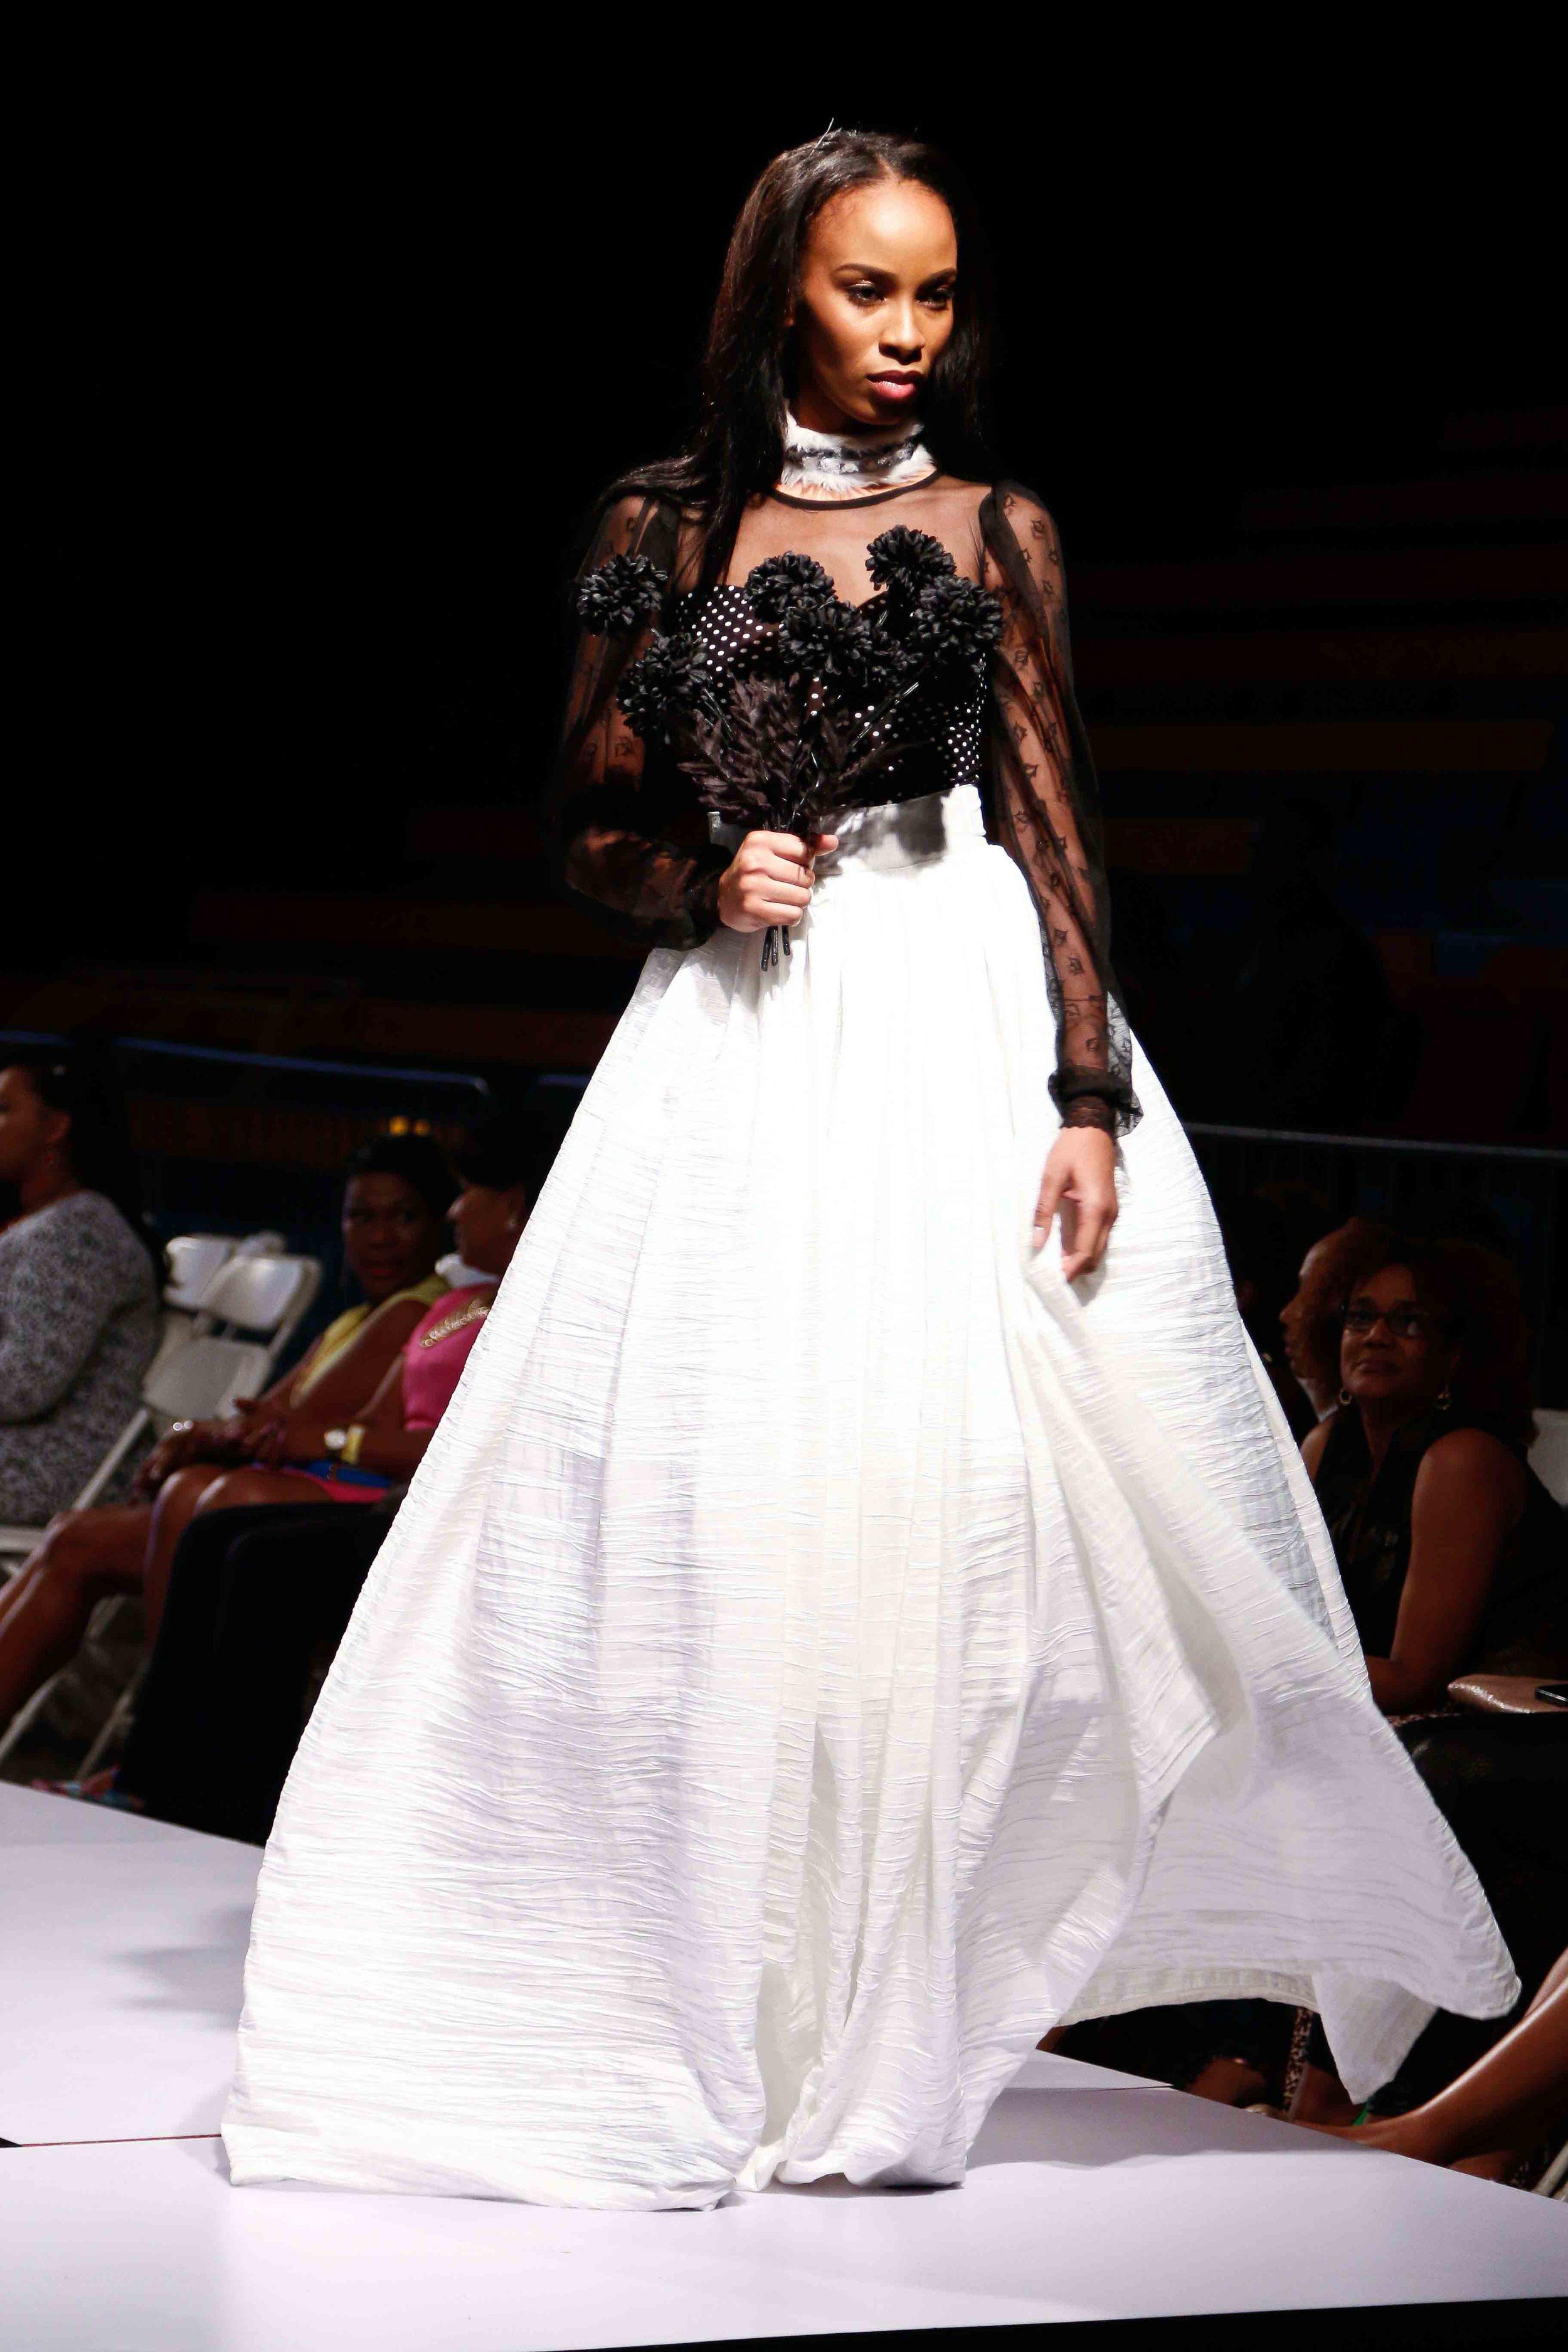 Krystel Markos - Caribbean Fashion Week 2015